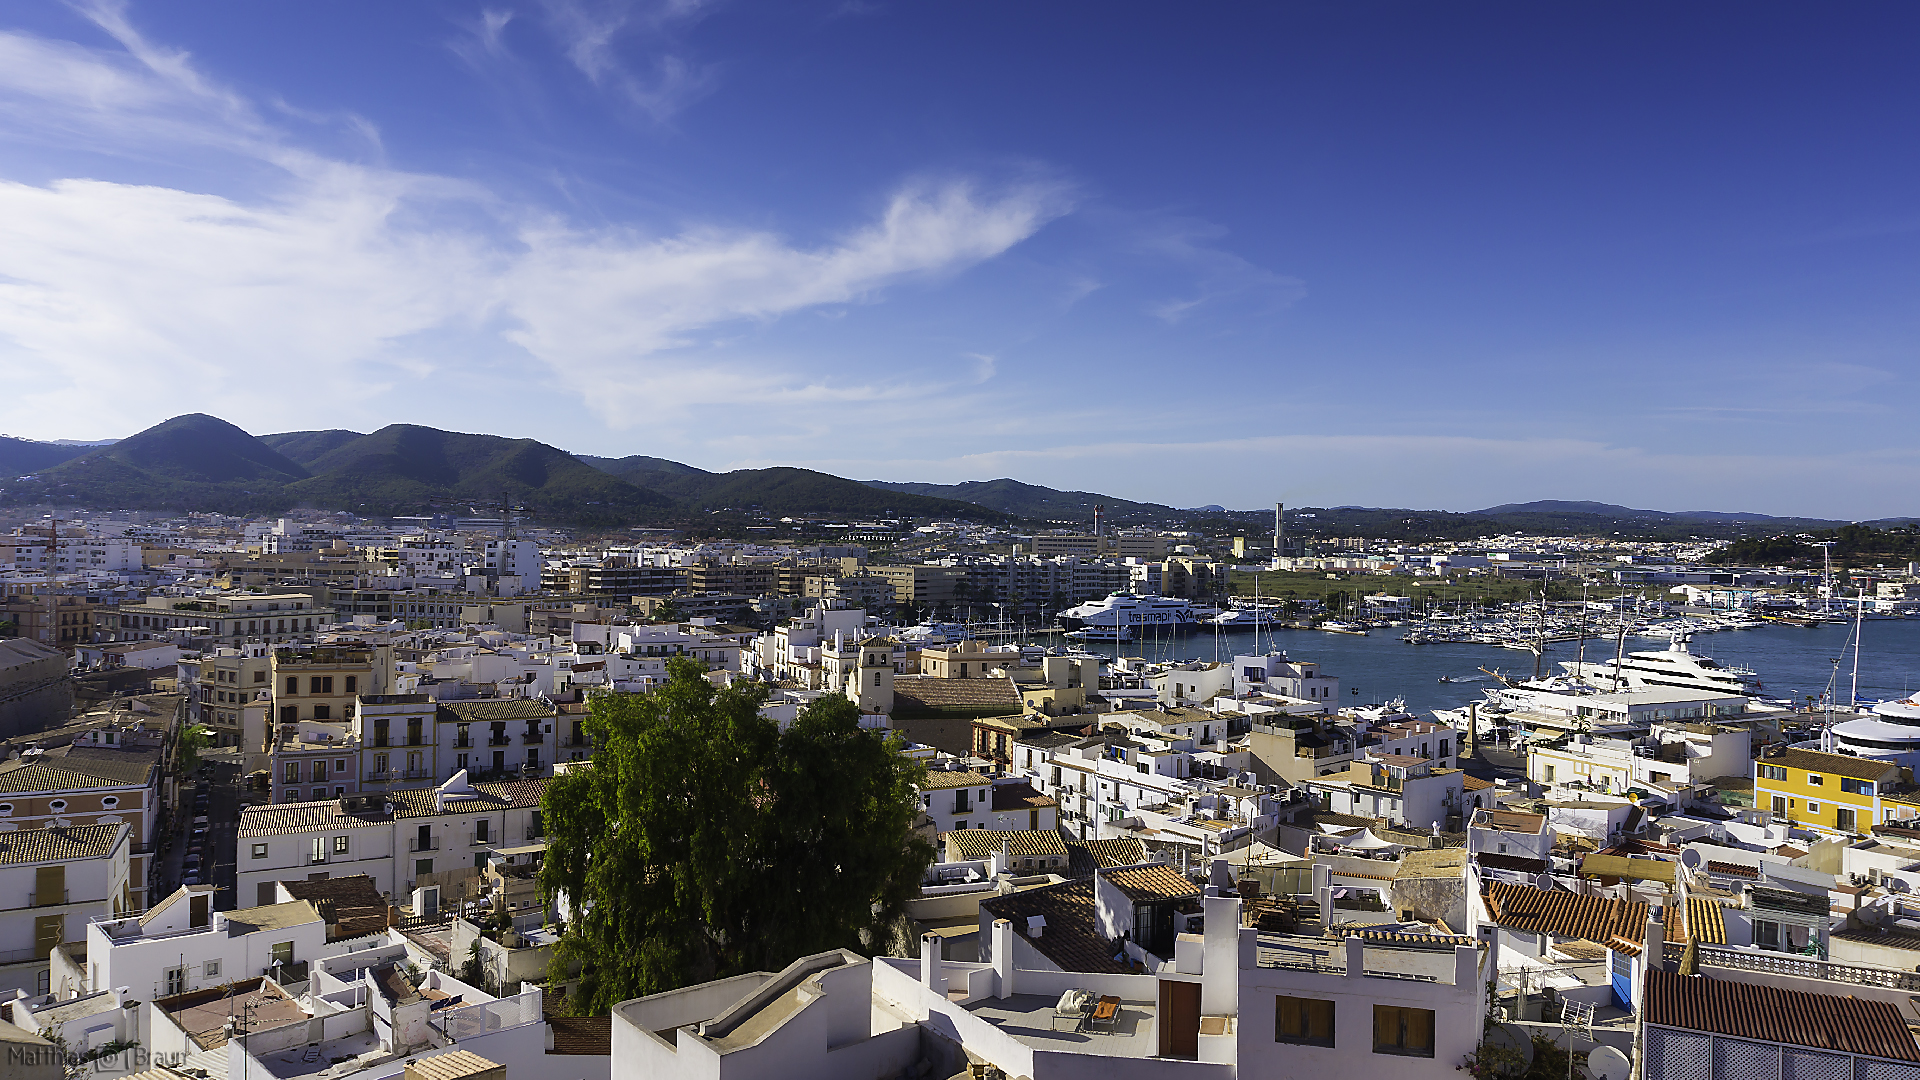 Ibiza Altstadt (old town) #2 | Ausblick